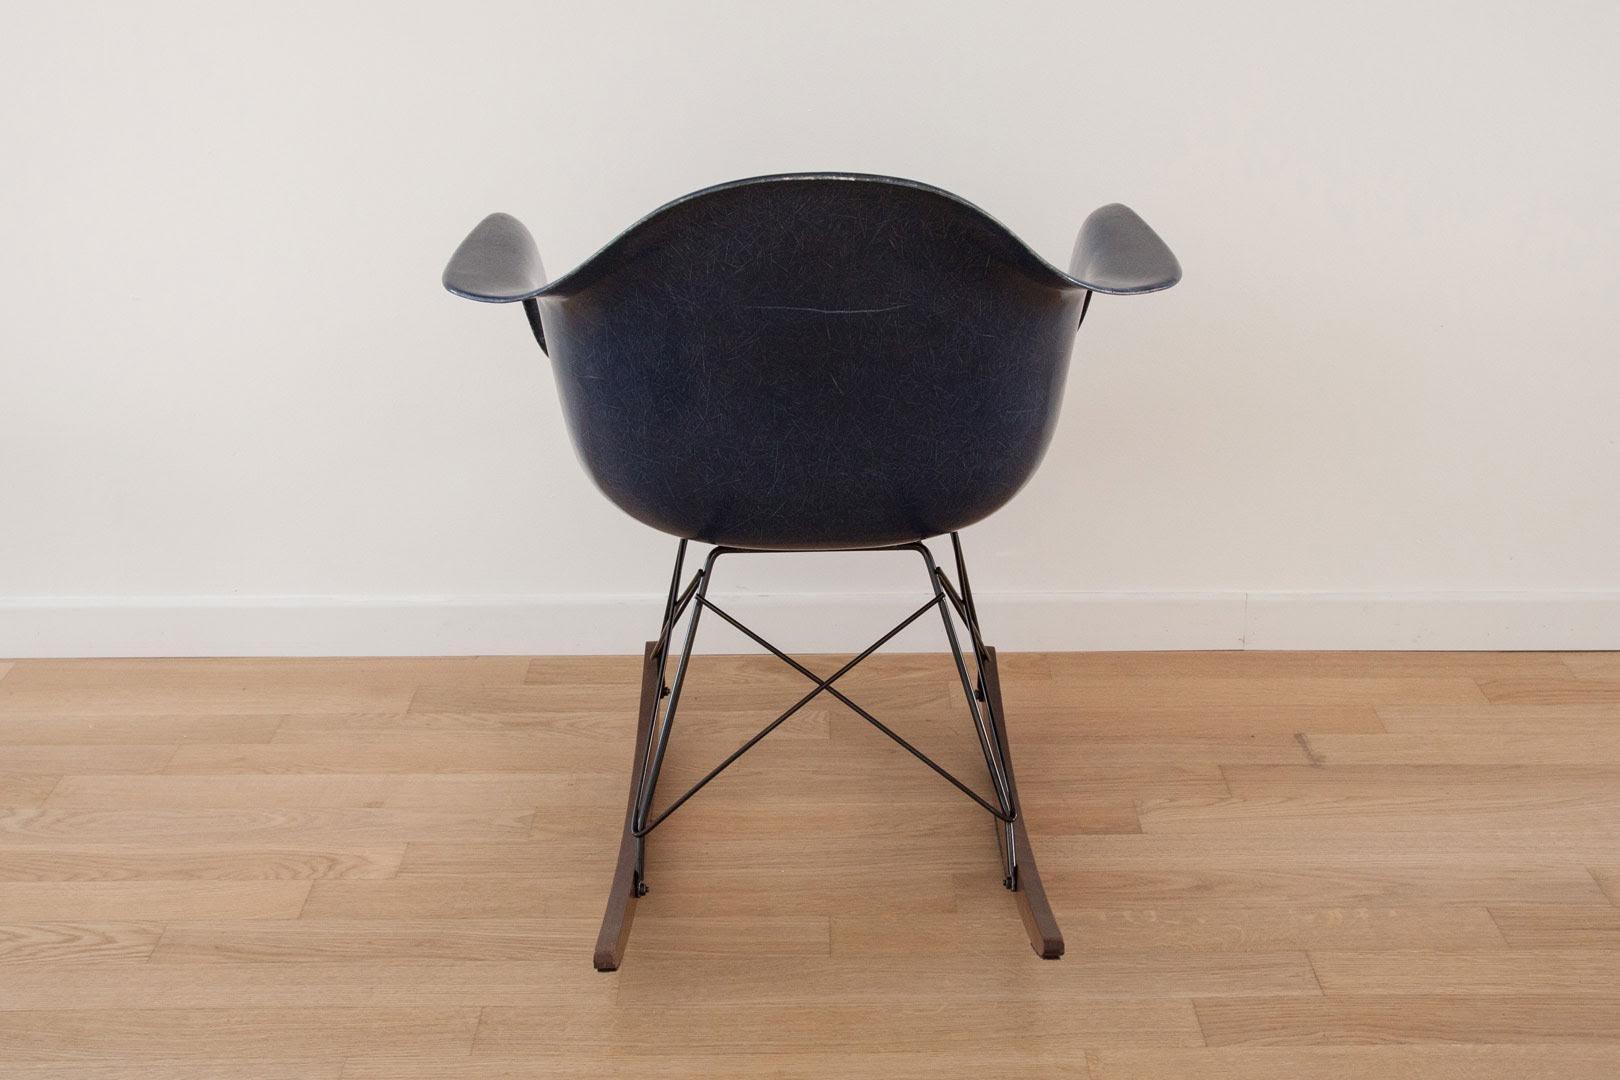 vintage schalen schaukelstuhl von charles ray eames f r herman miller bei pamono kaufen. Black Bedroom Furniture Sets. Home Design Ideas